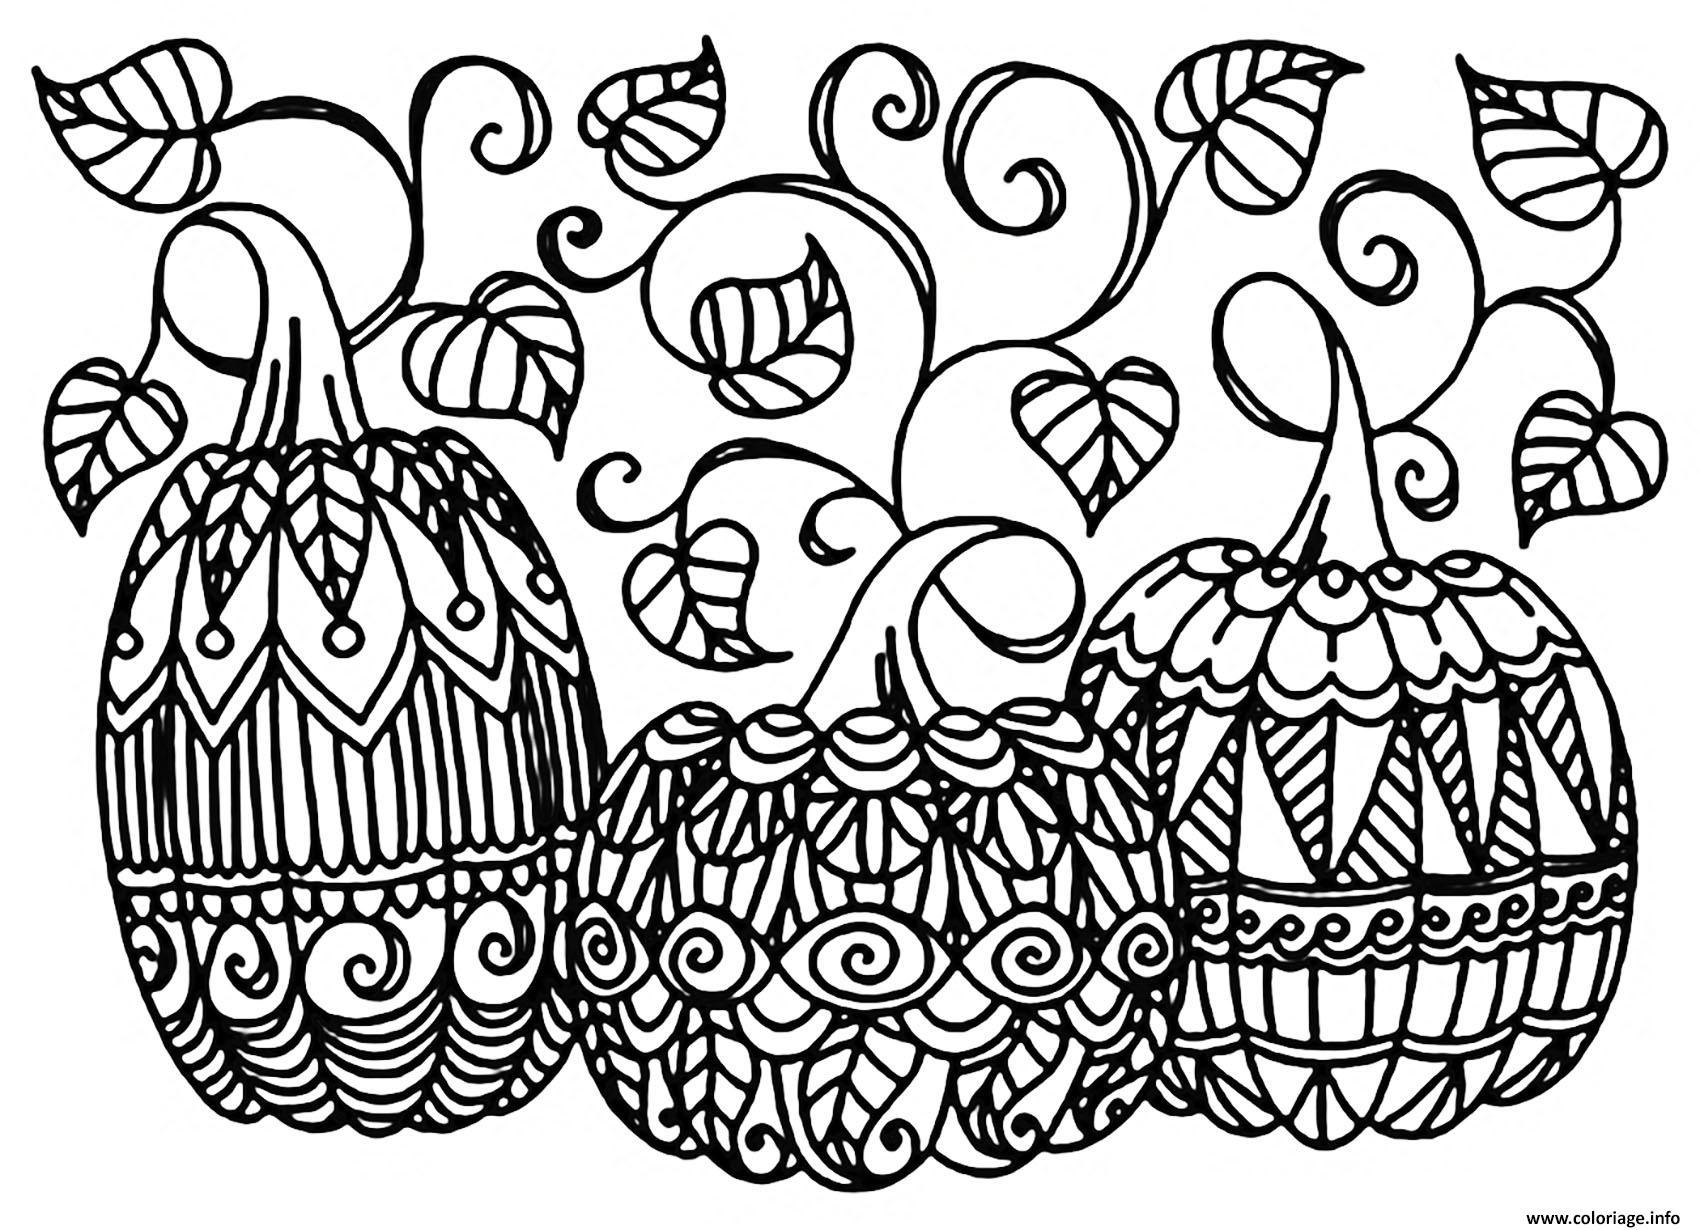 Coloriage Halloween Trois Citrouilles Dessin intérieur Dessin Halloween Citrouille A Imprimer Gratuit